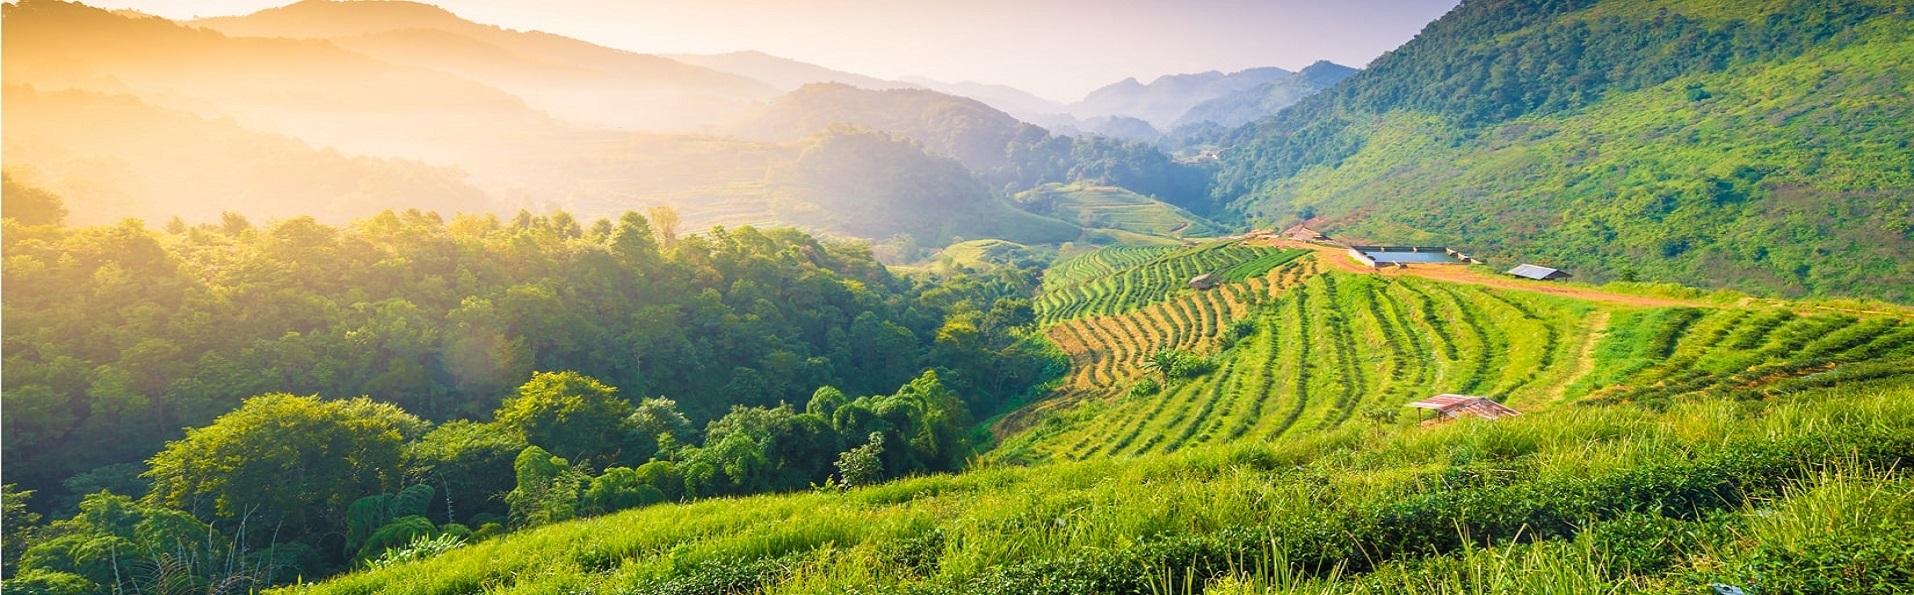 Agence de voyage francophone au Vietnam, Laos et Cambodge